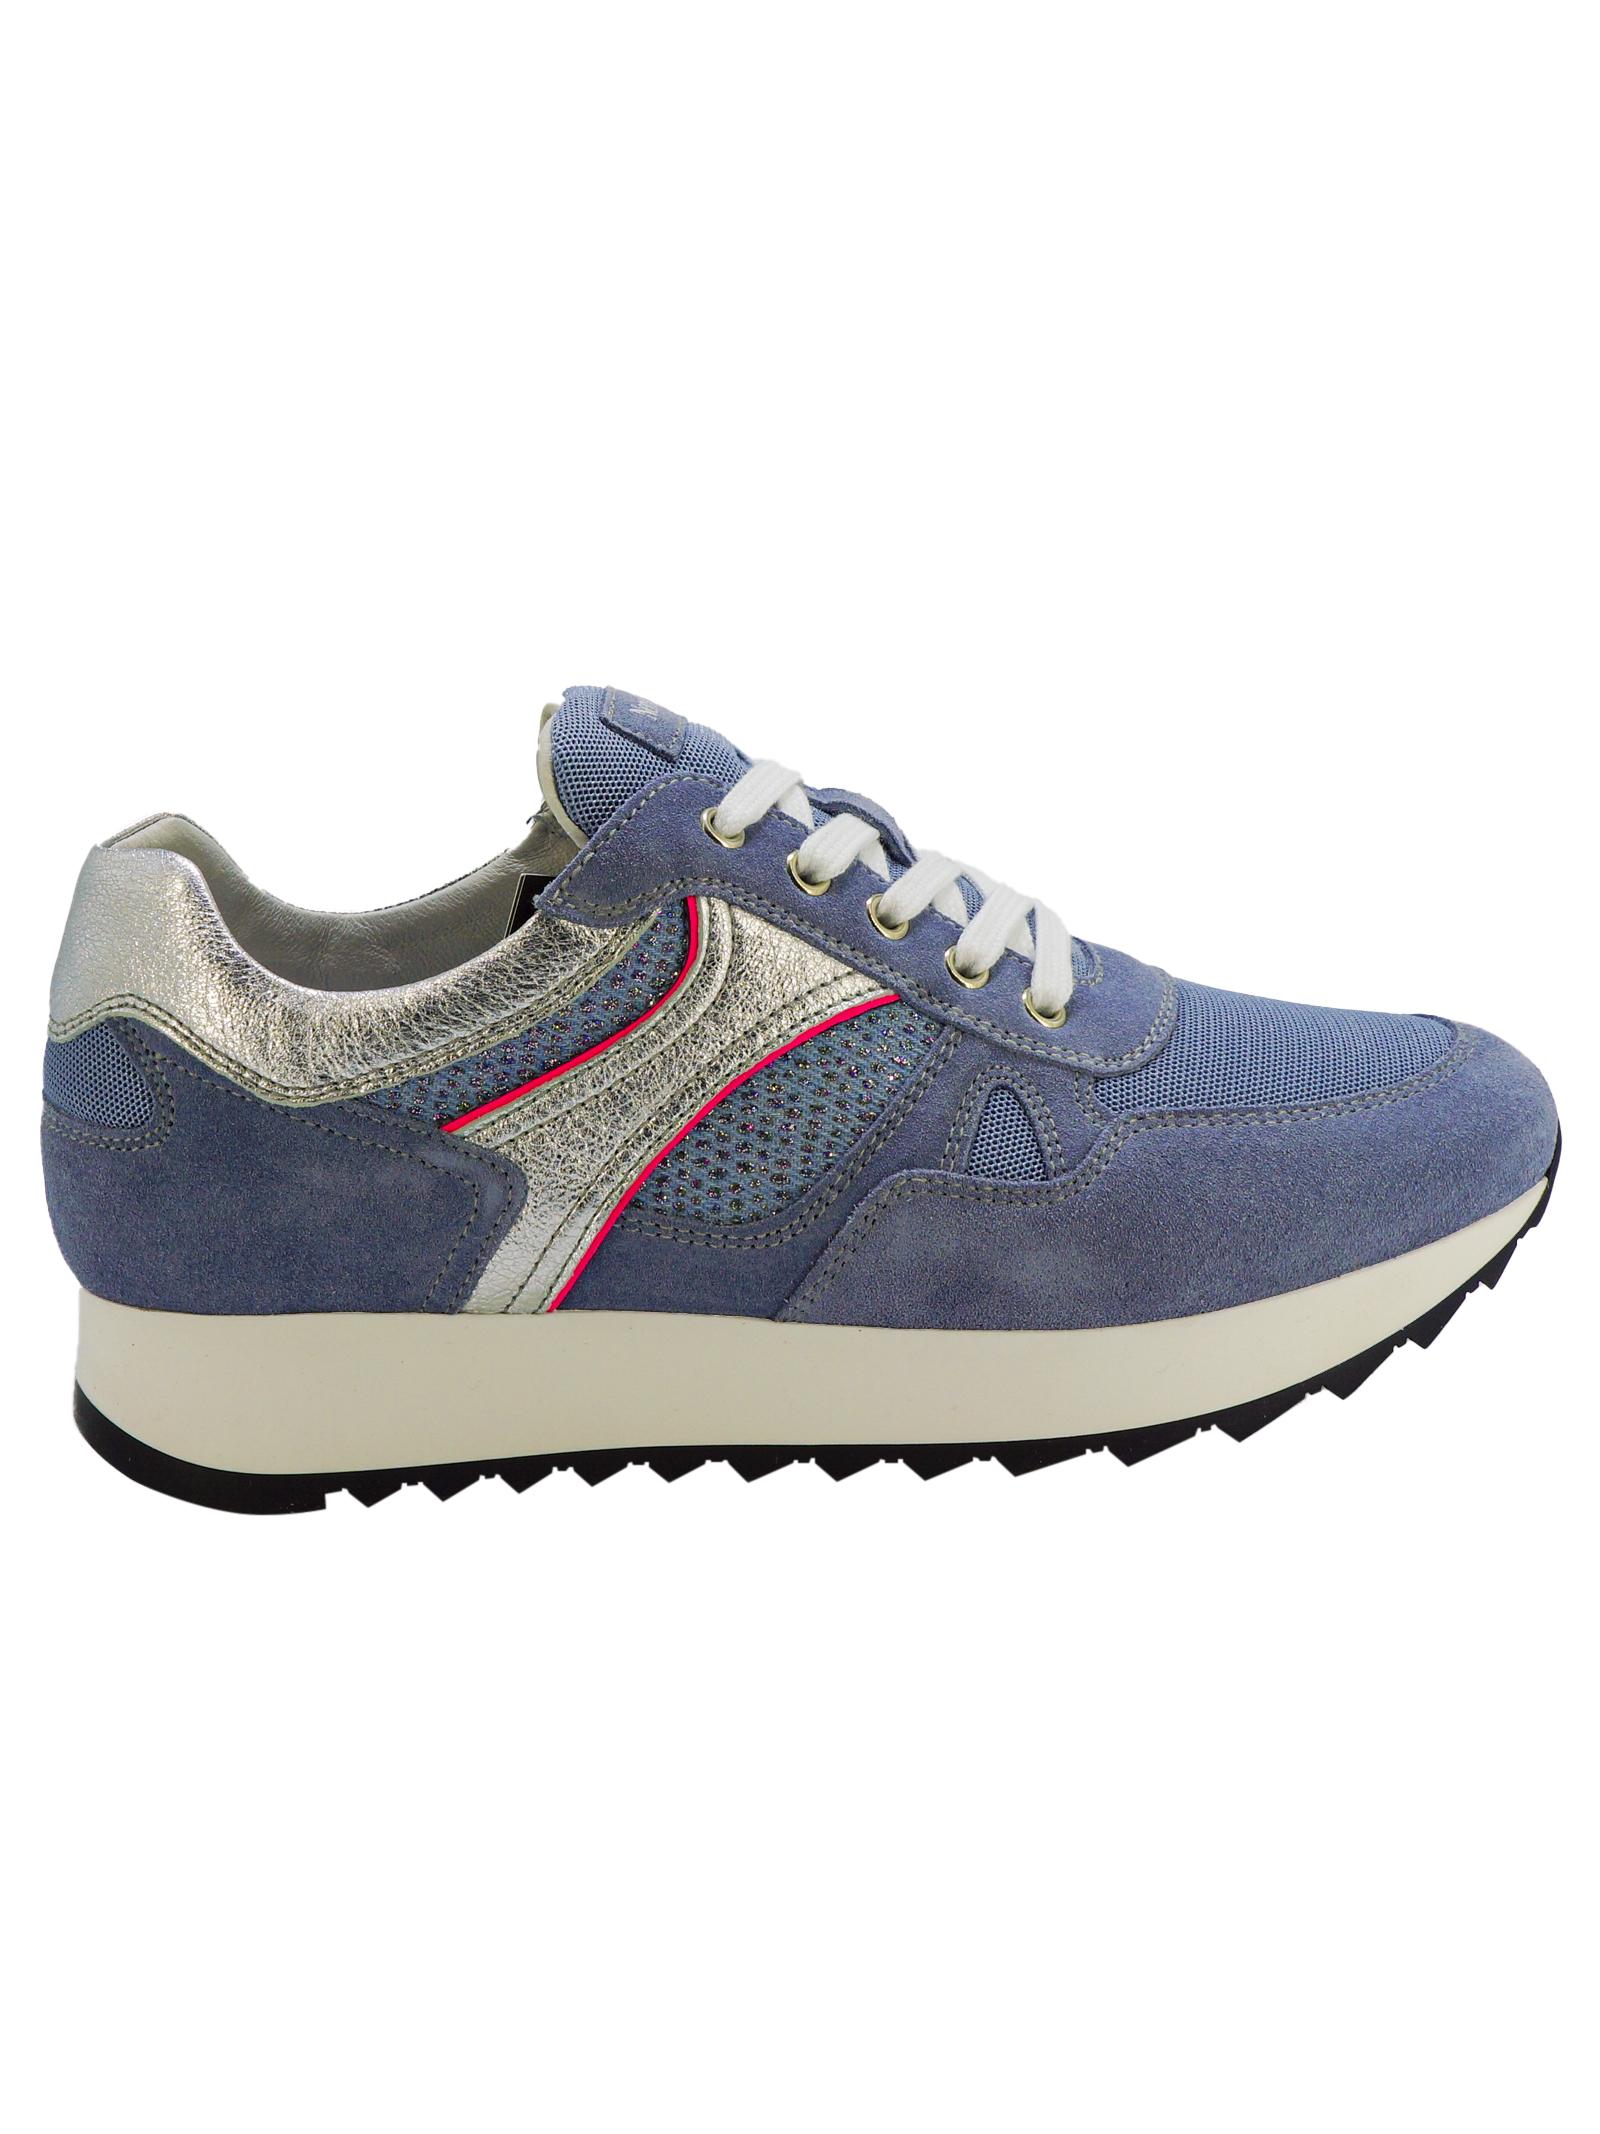 Sneakers Donna in Pelle Nero Giardini Nero Giardini   Sneakers   E010523D239